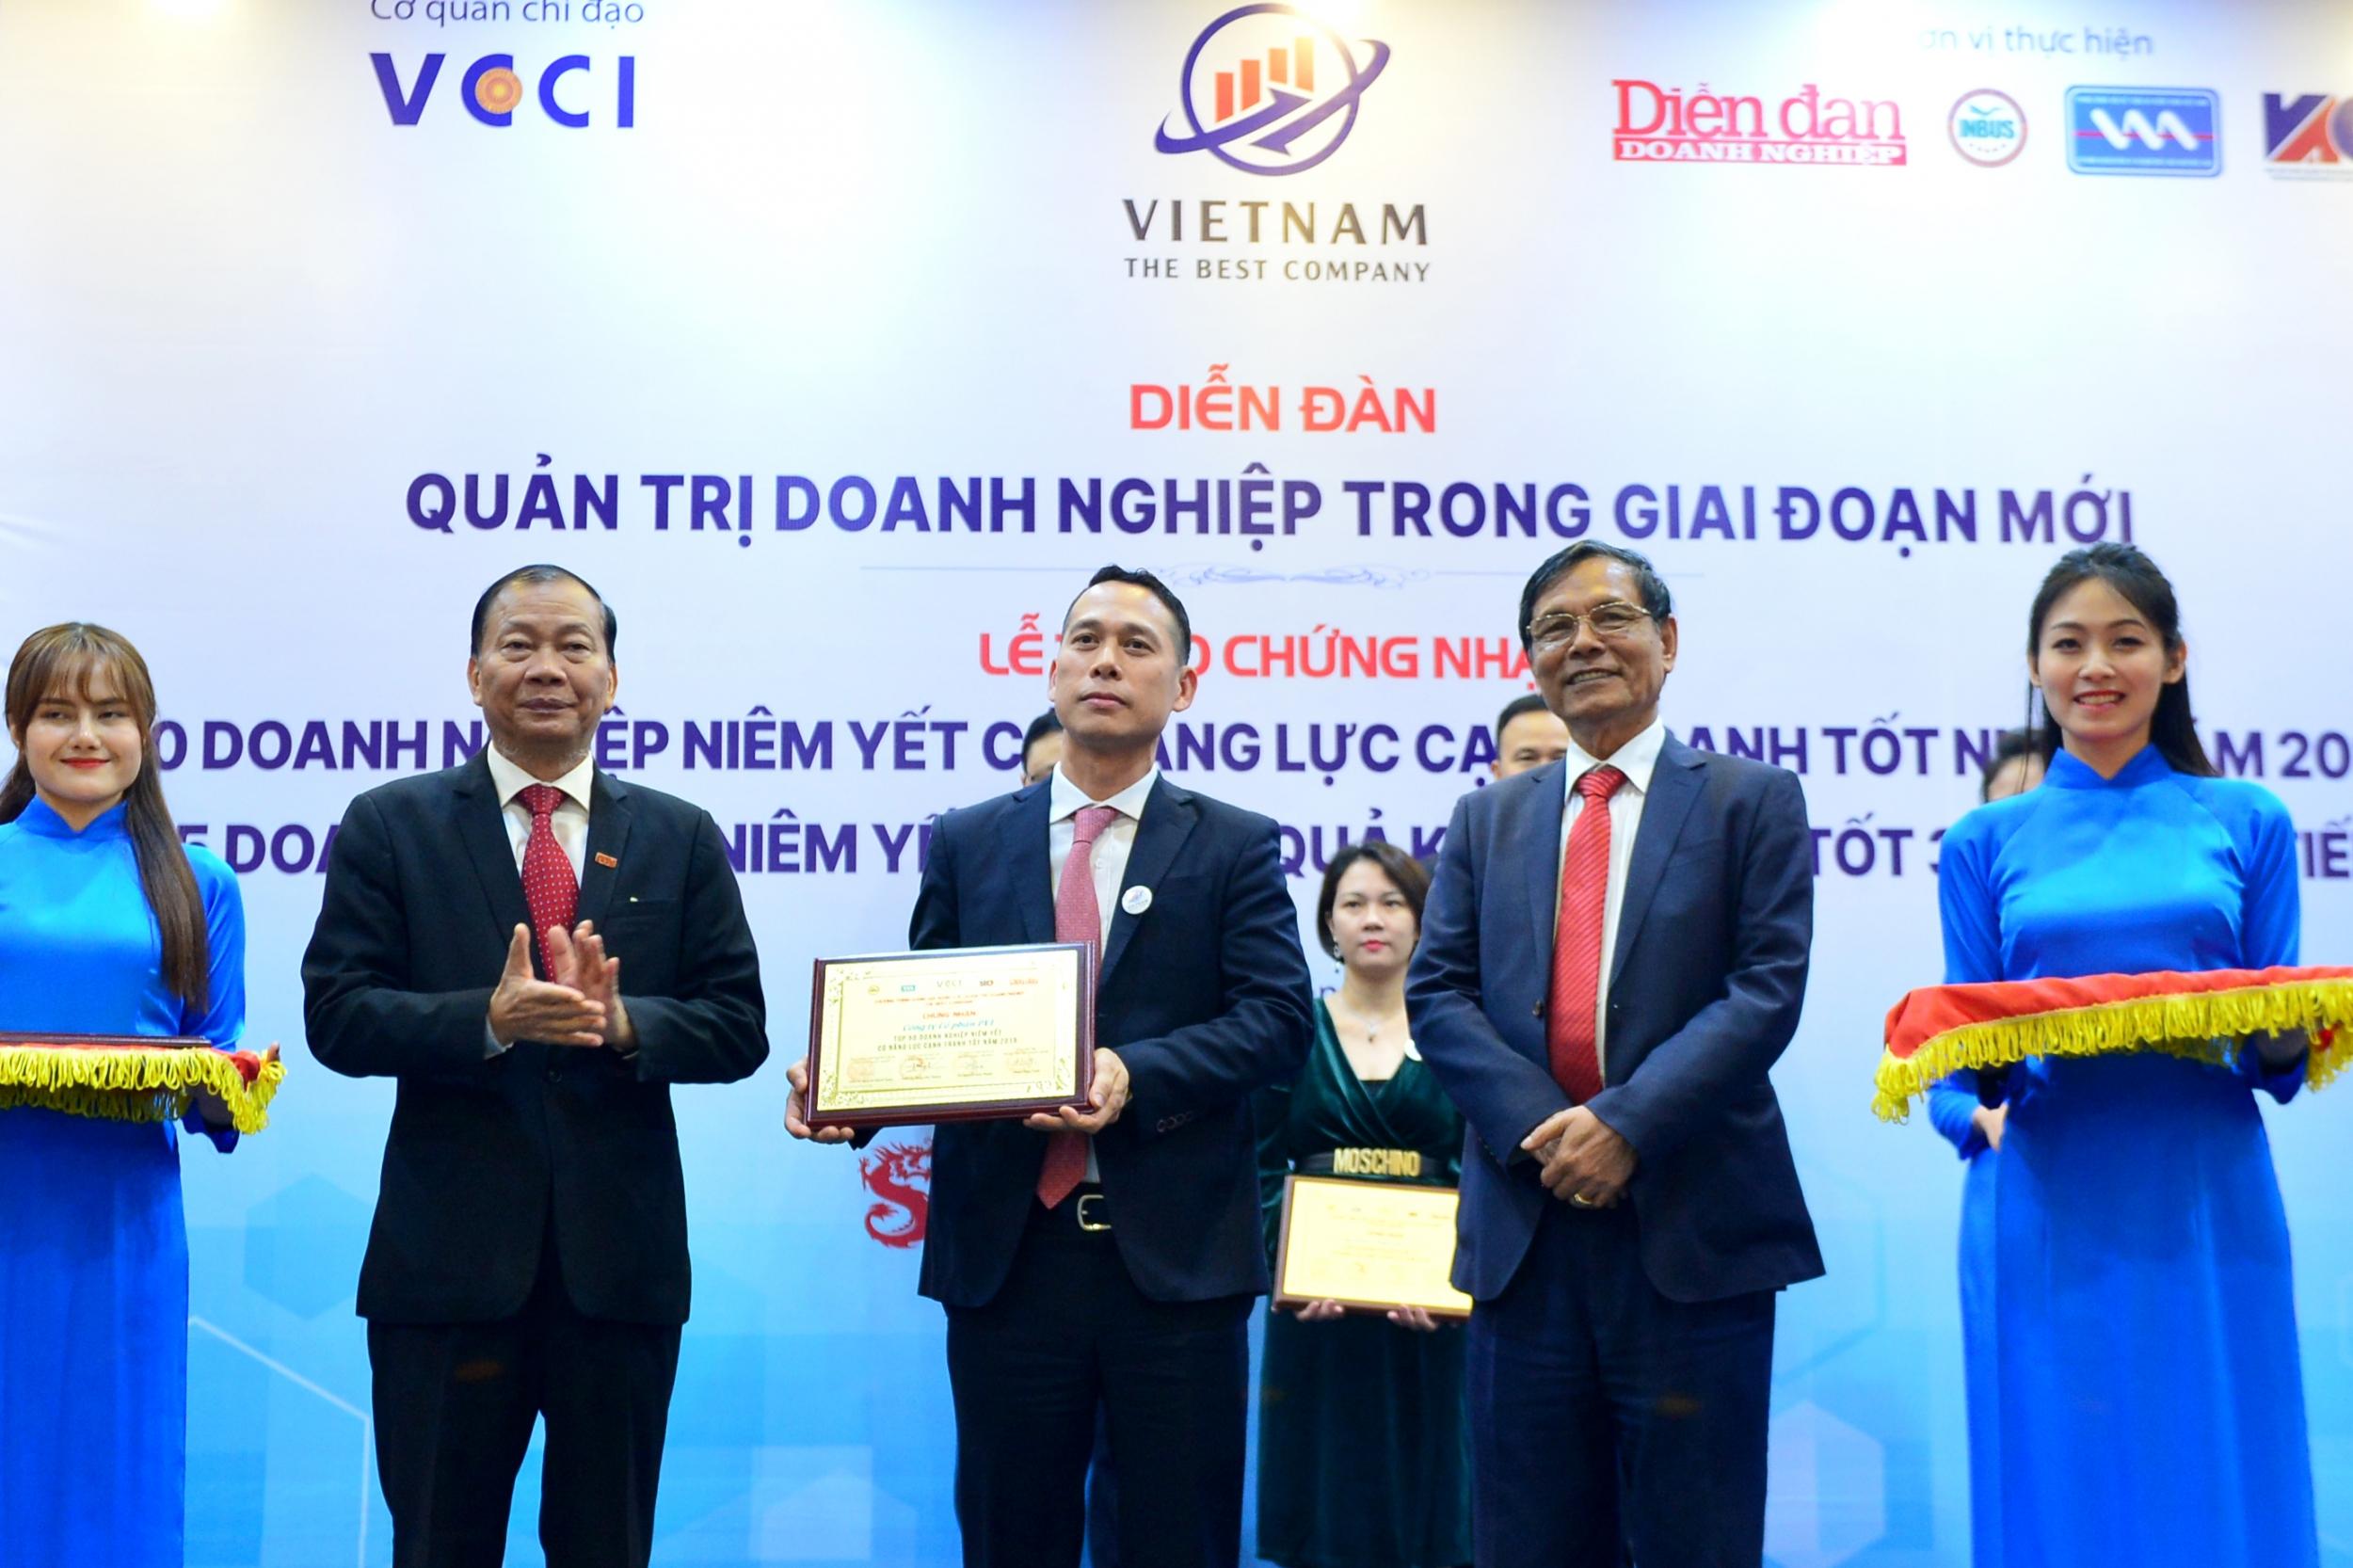 Ông Nguyễn Tuấn Anh- Phó giám đốc Ban QL&PTNNL đại diện PVI nhận giải thưởng